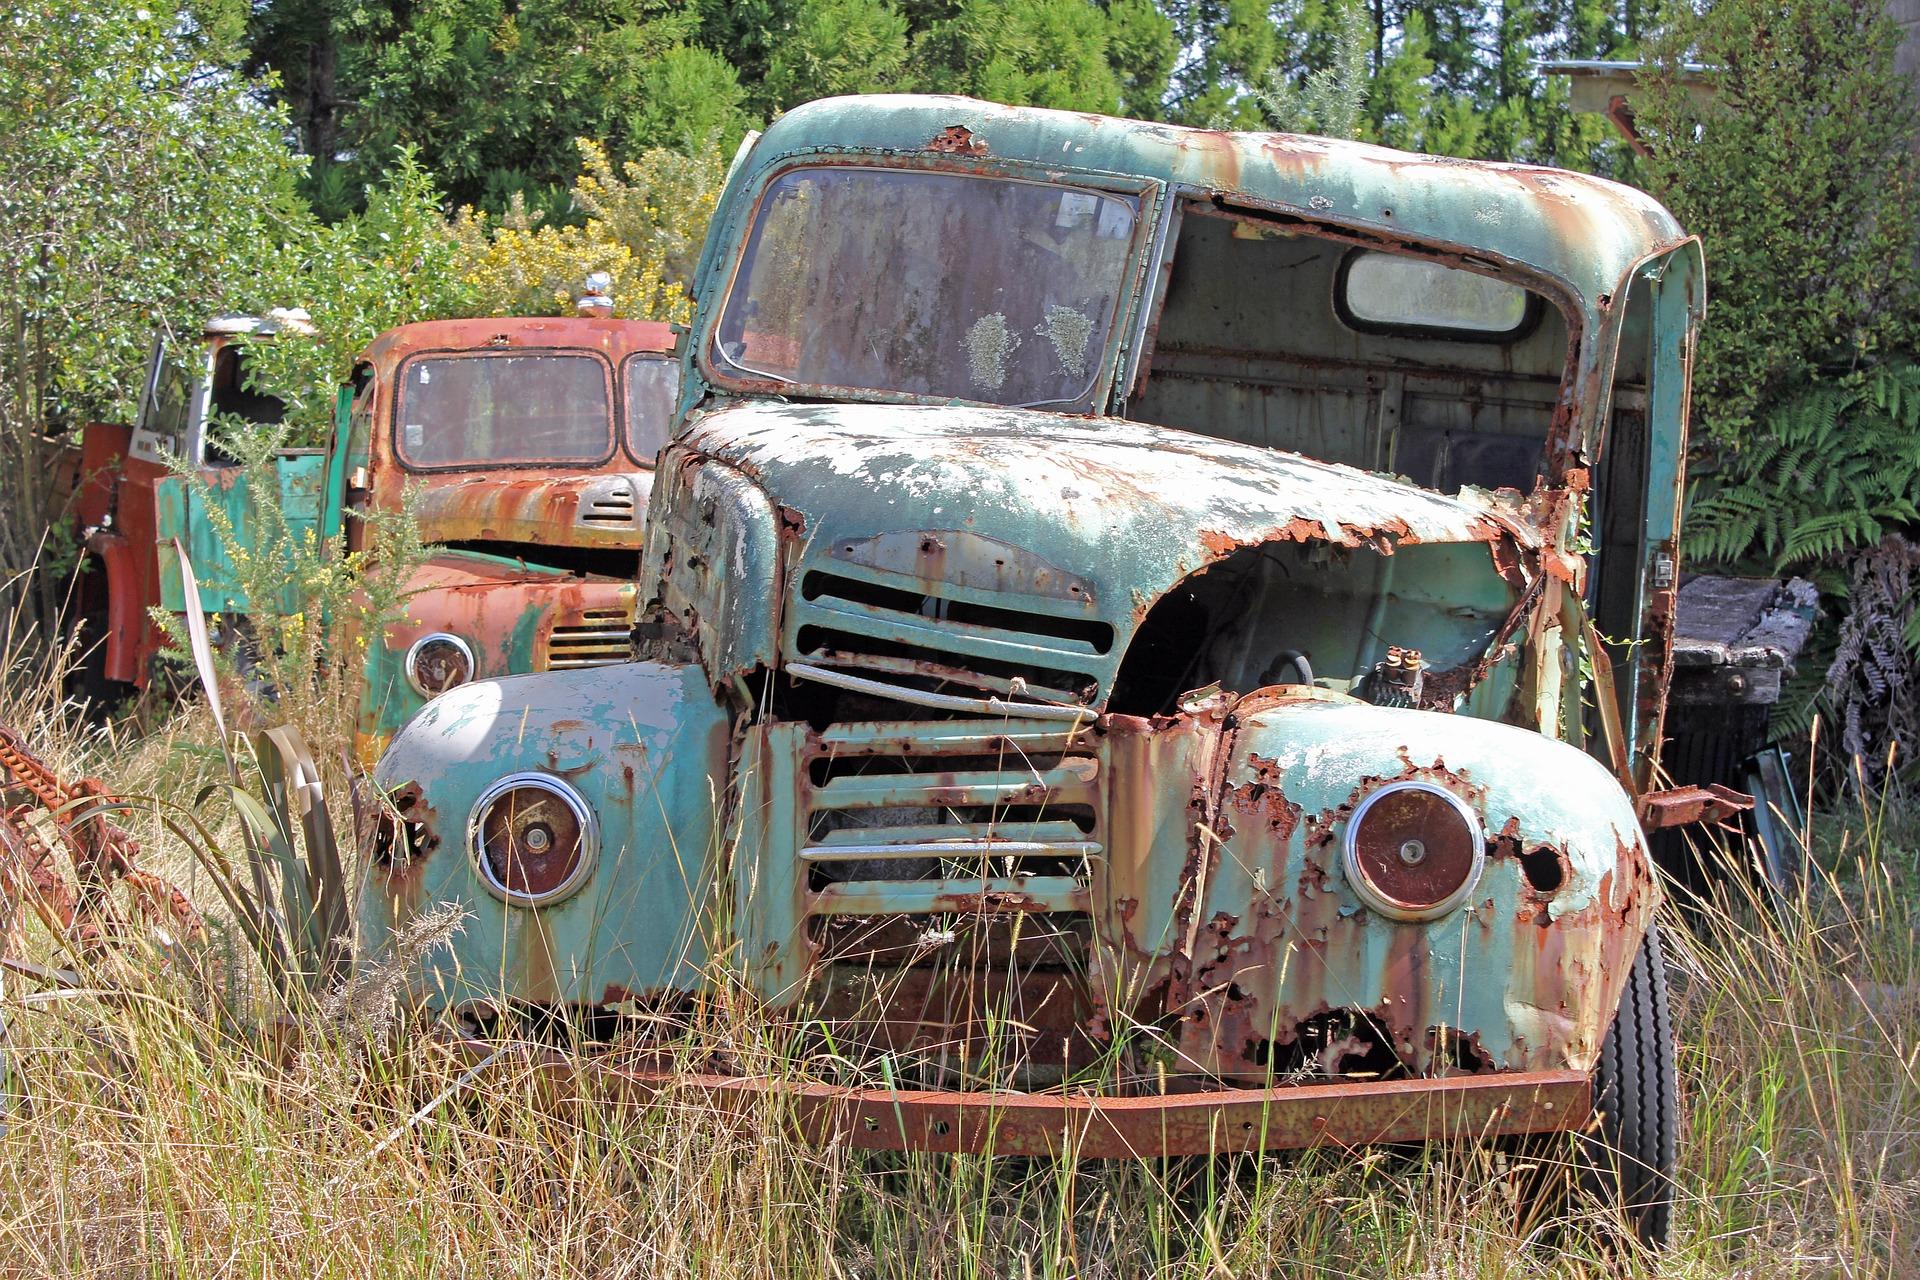 Sell Junk Car no Title Everett MA